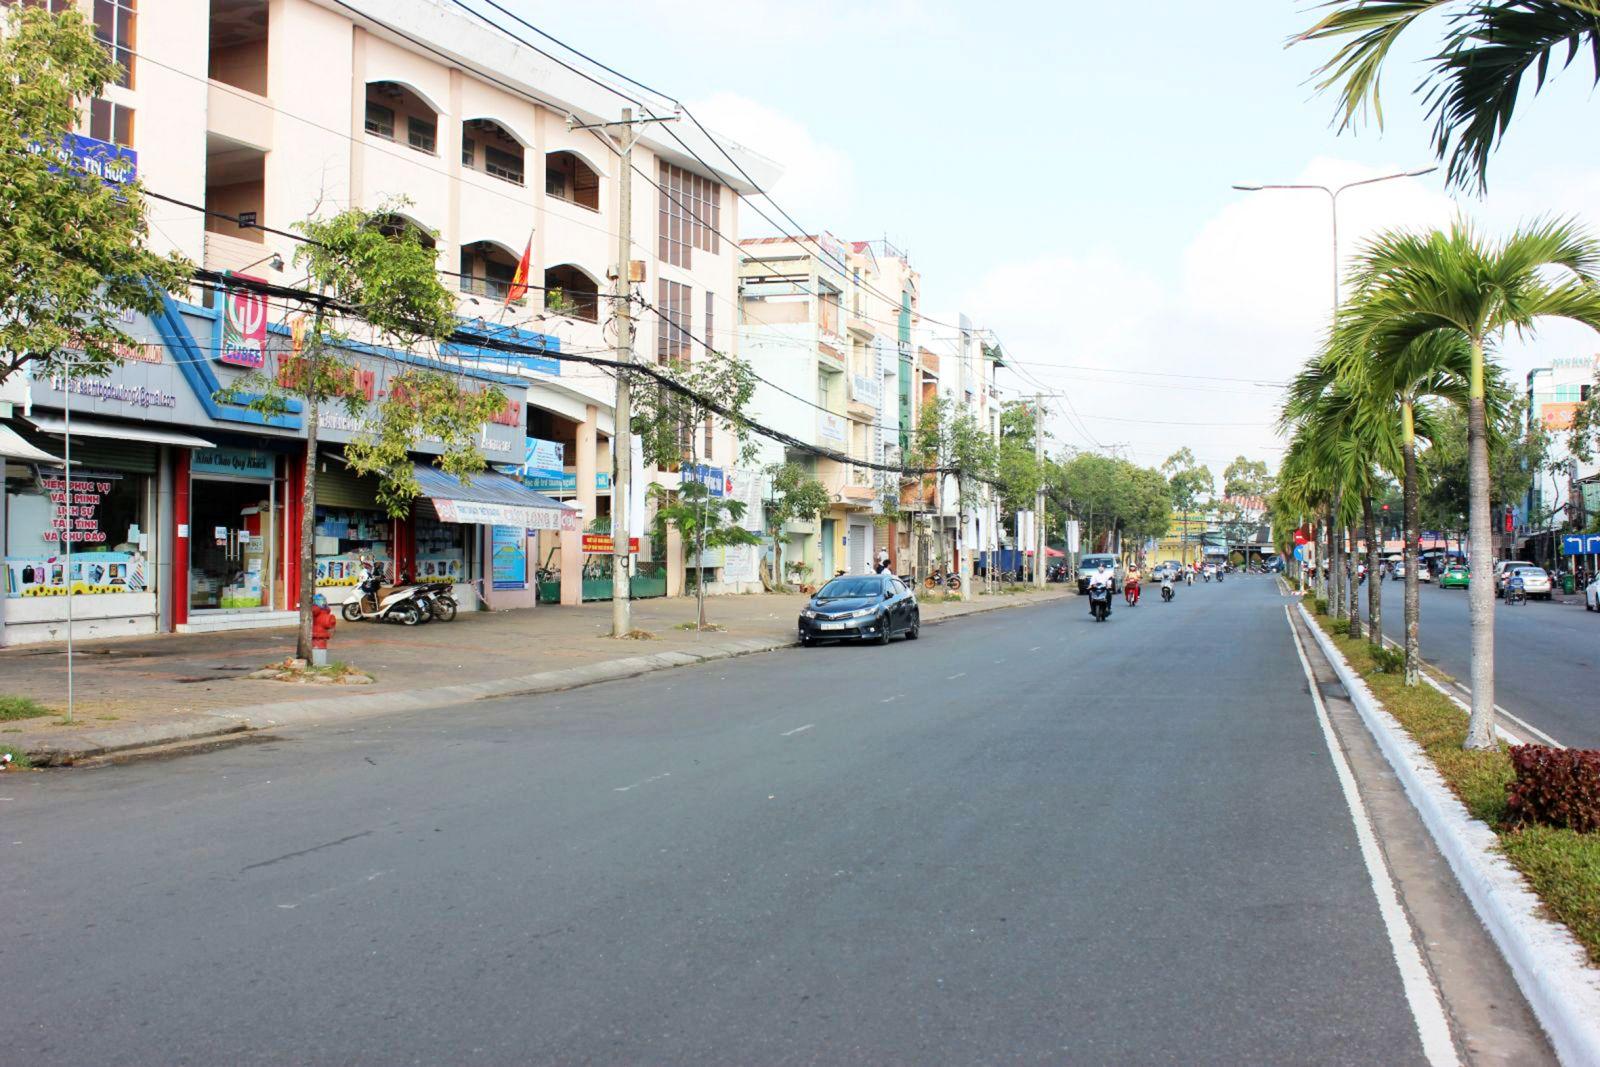 Tuyến đường Trần Văn Hoài đã được các đơn vị thực hiện bó gọn cáp viễn thông, cáp truyền hình, đảm bảo mỹ quan đô thị. Ảnh: ANH KHOA